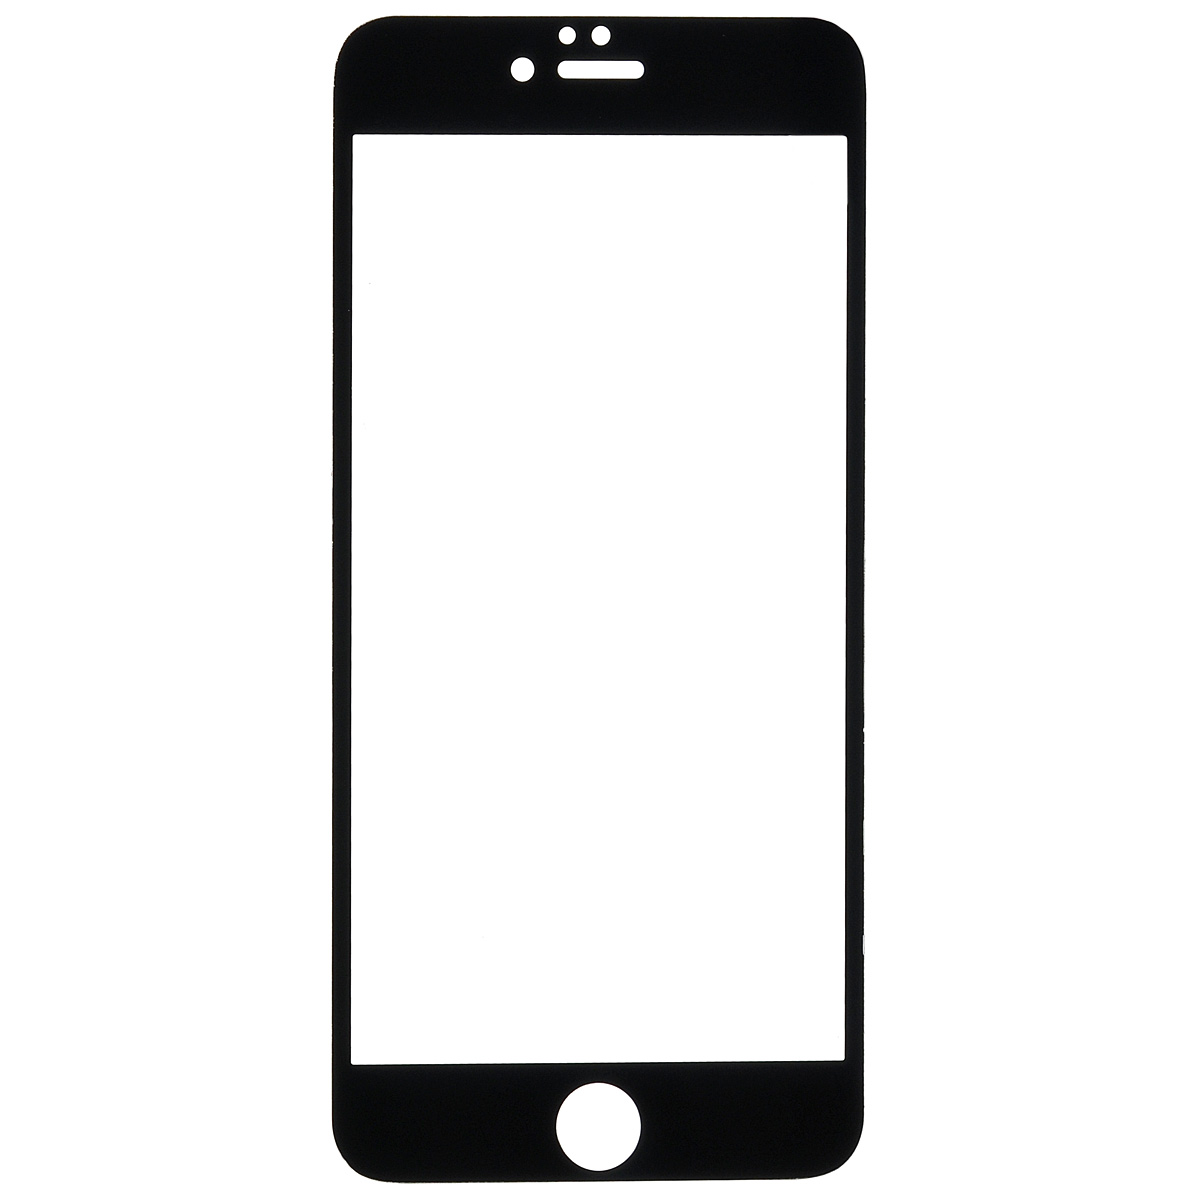 Highscreen защитное стекло для iPhone 6, черная рамка22886Защитное стекло Highscreen дляiPhone 6 - надежная защита экрана смартфона от грязи, пыли, отпечатков пальцев и царапин. Стекло изготовлено точно по размеру экрана, отличается кристальной прозрачностью и имеет все необходимые прорези.